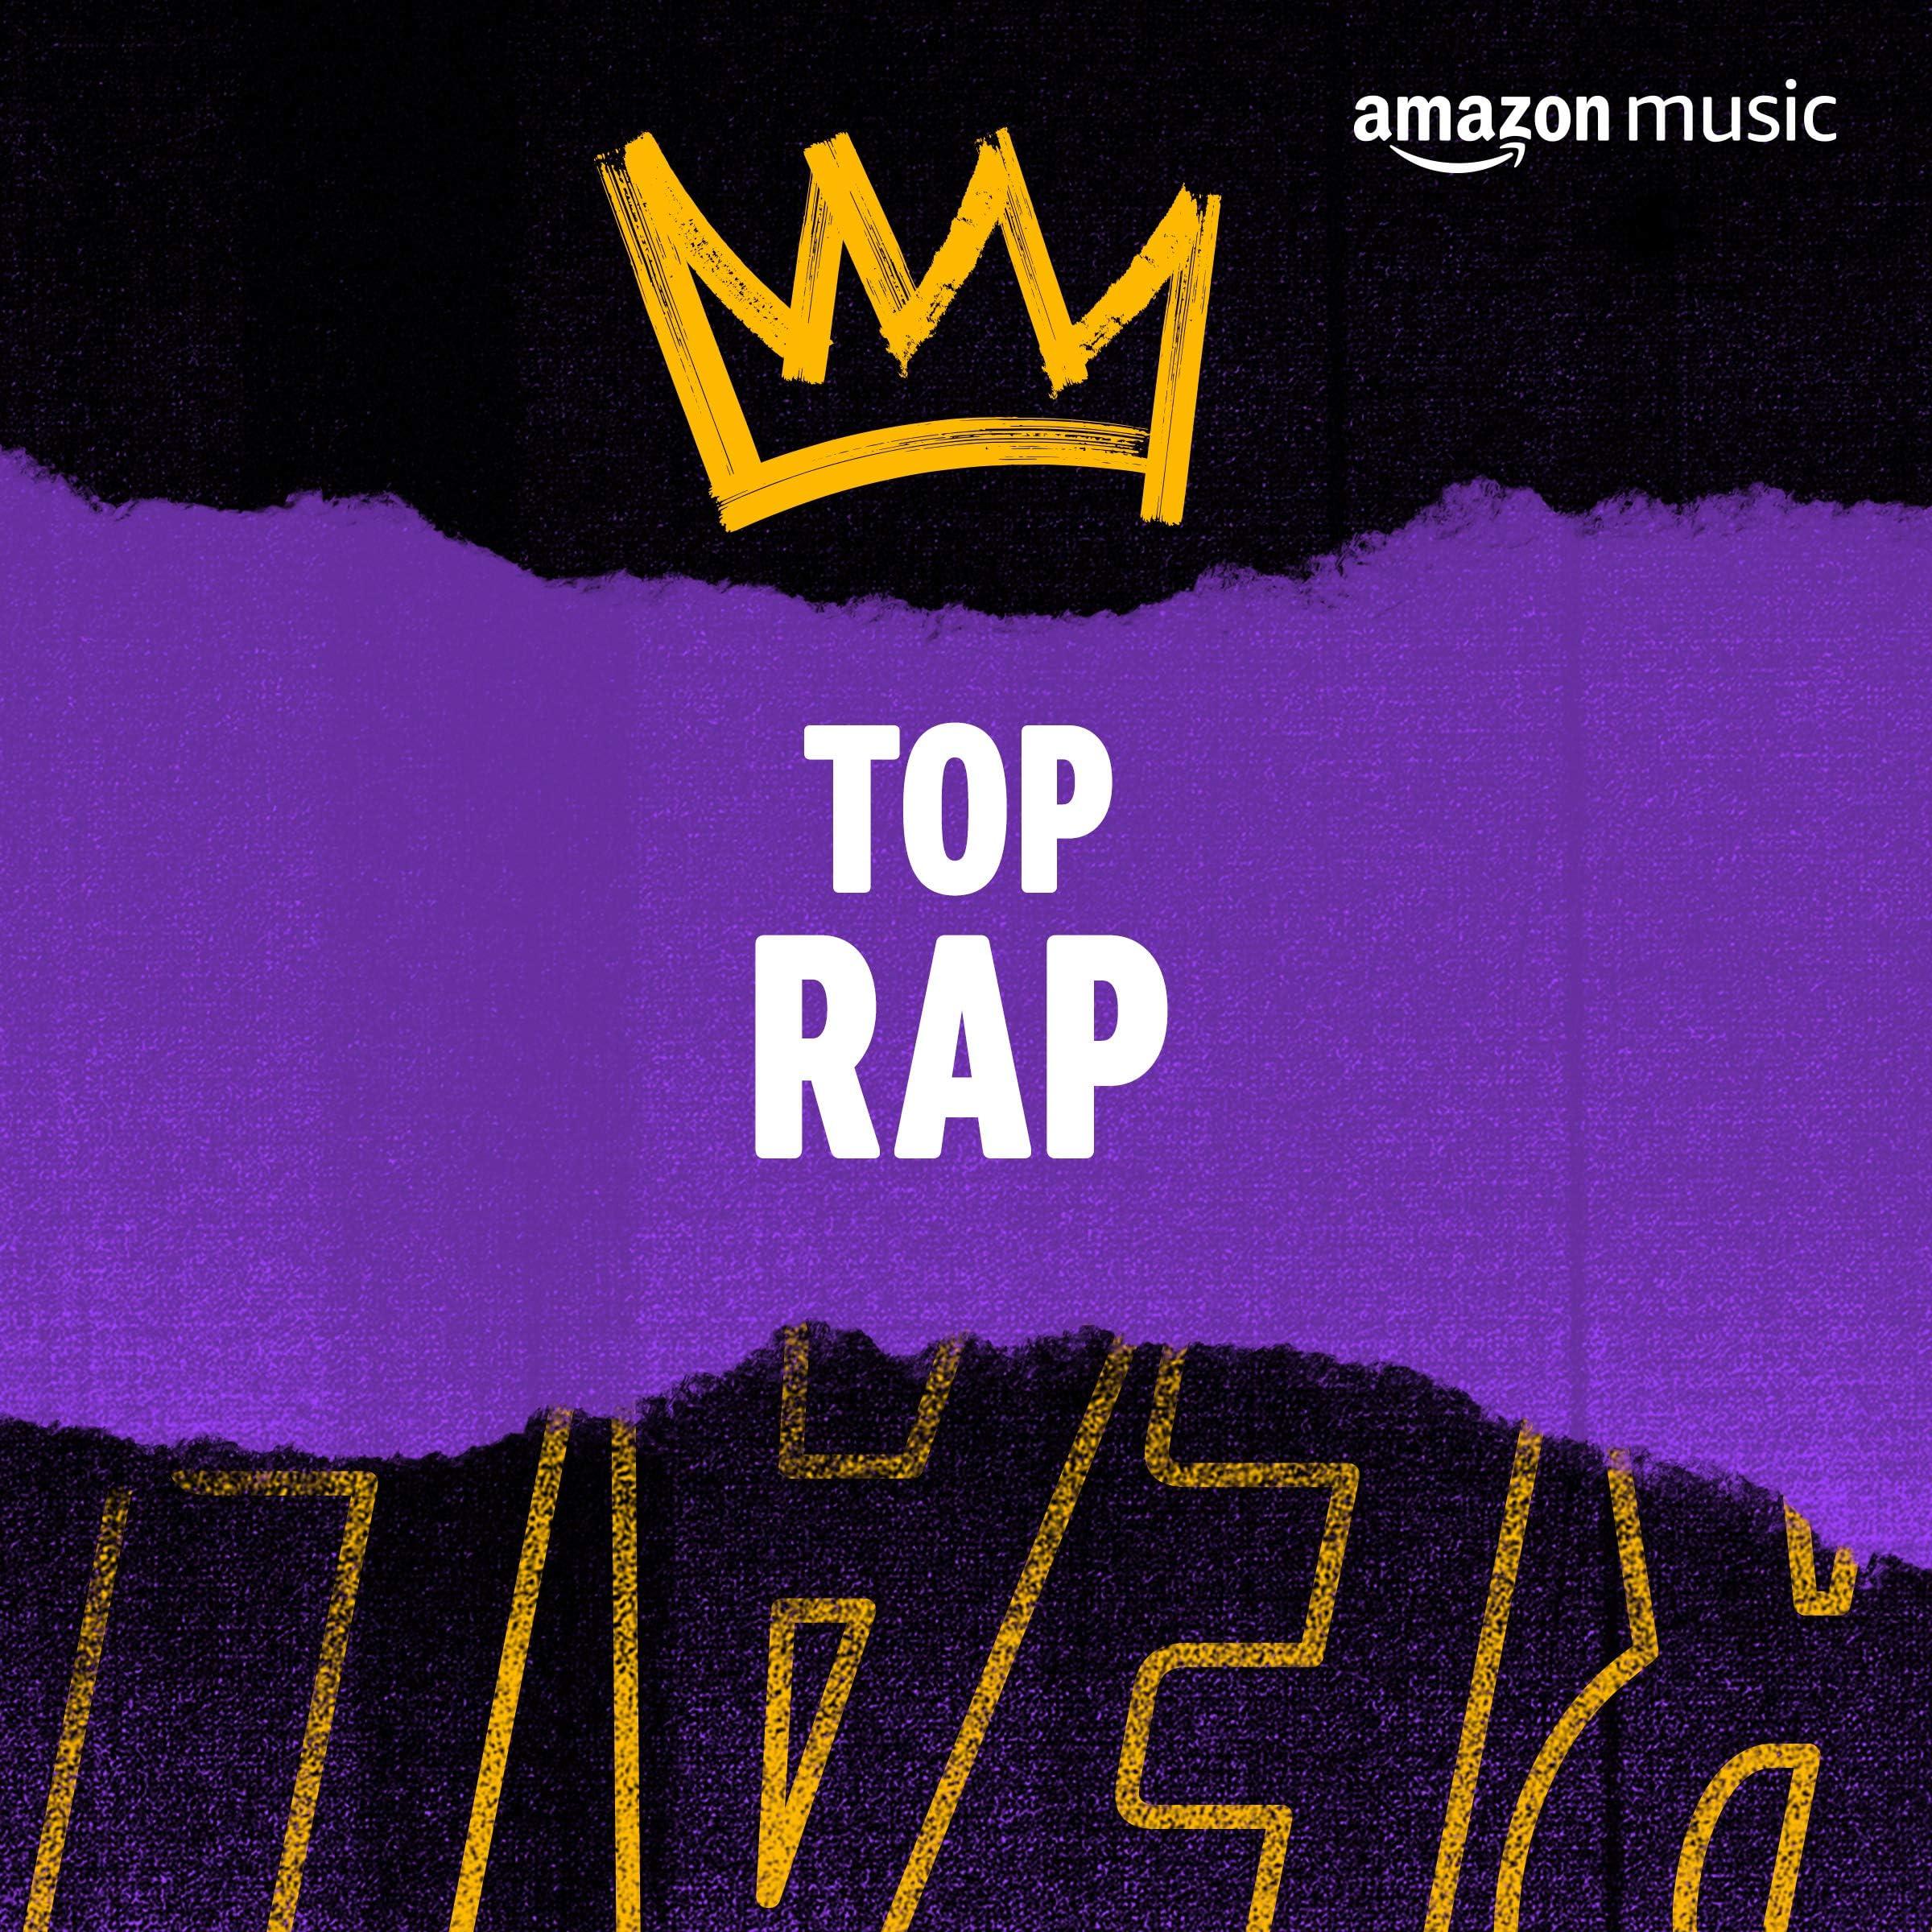 Top Rap